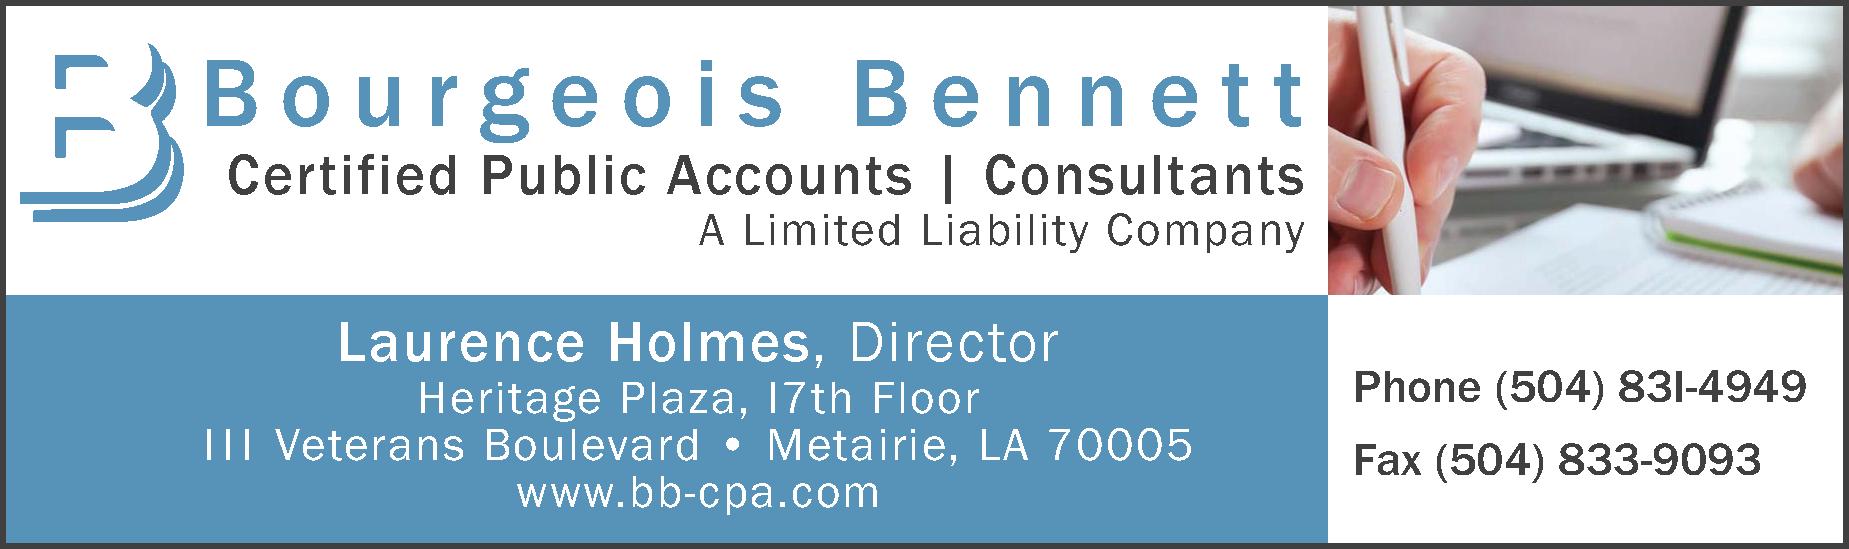 Bourgeois Bennett (1-16h)